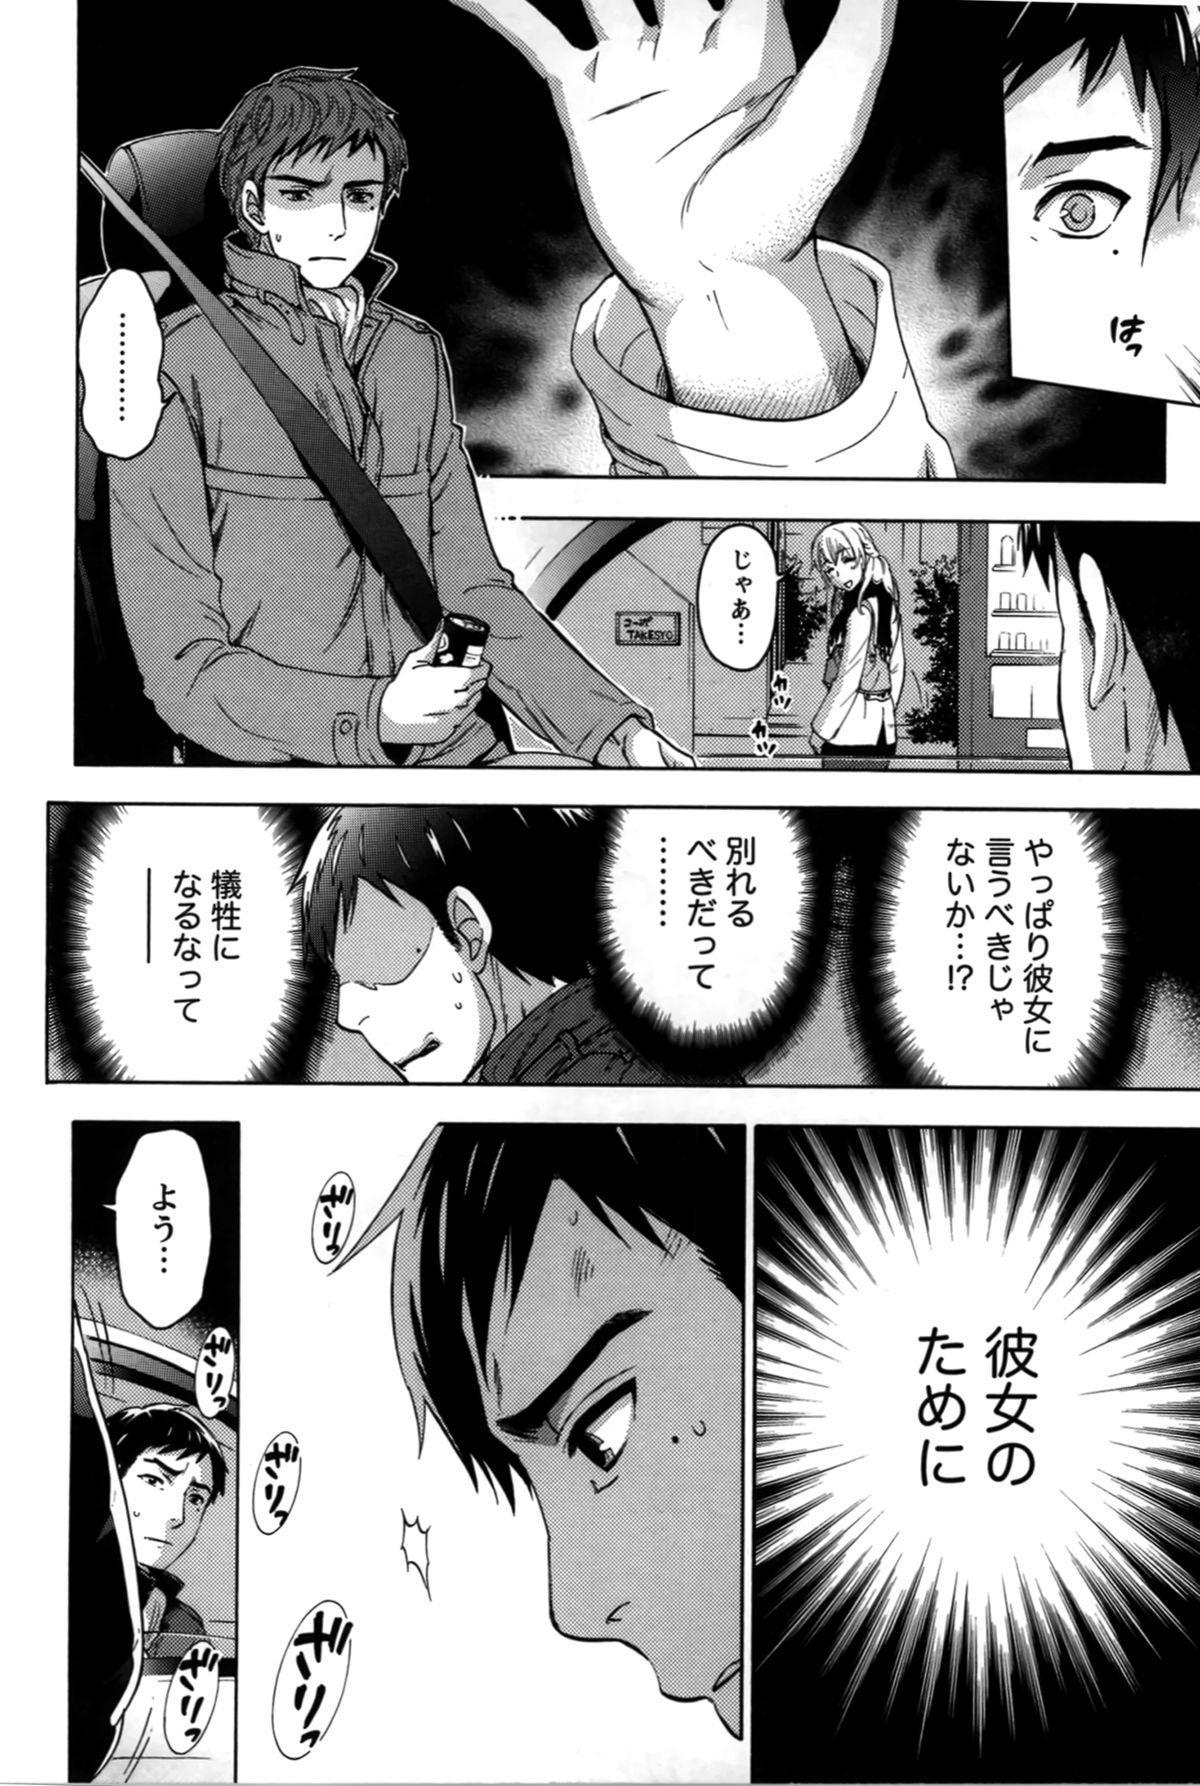 Anata to Watashi wa Warukunai 15